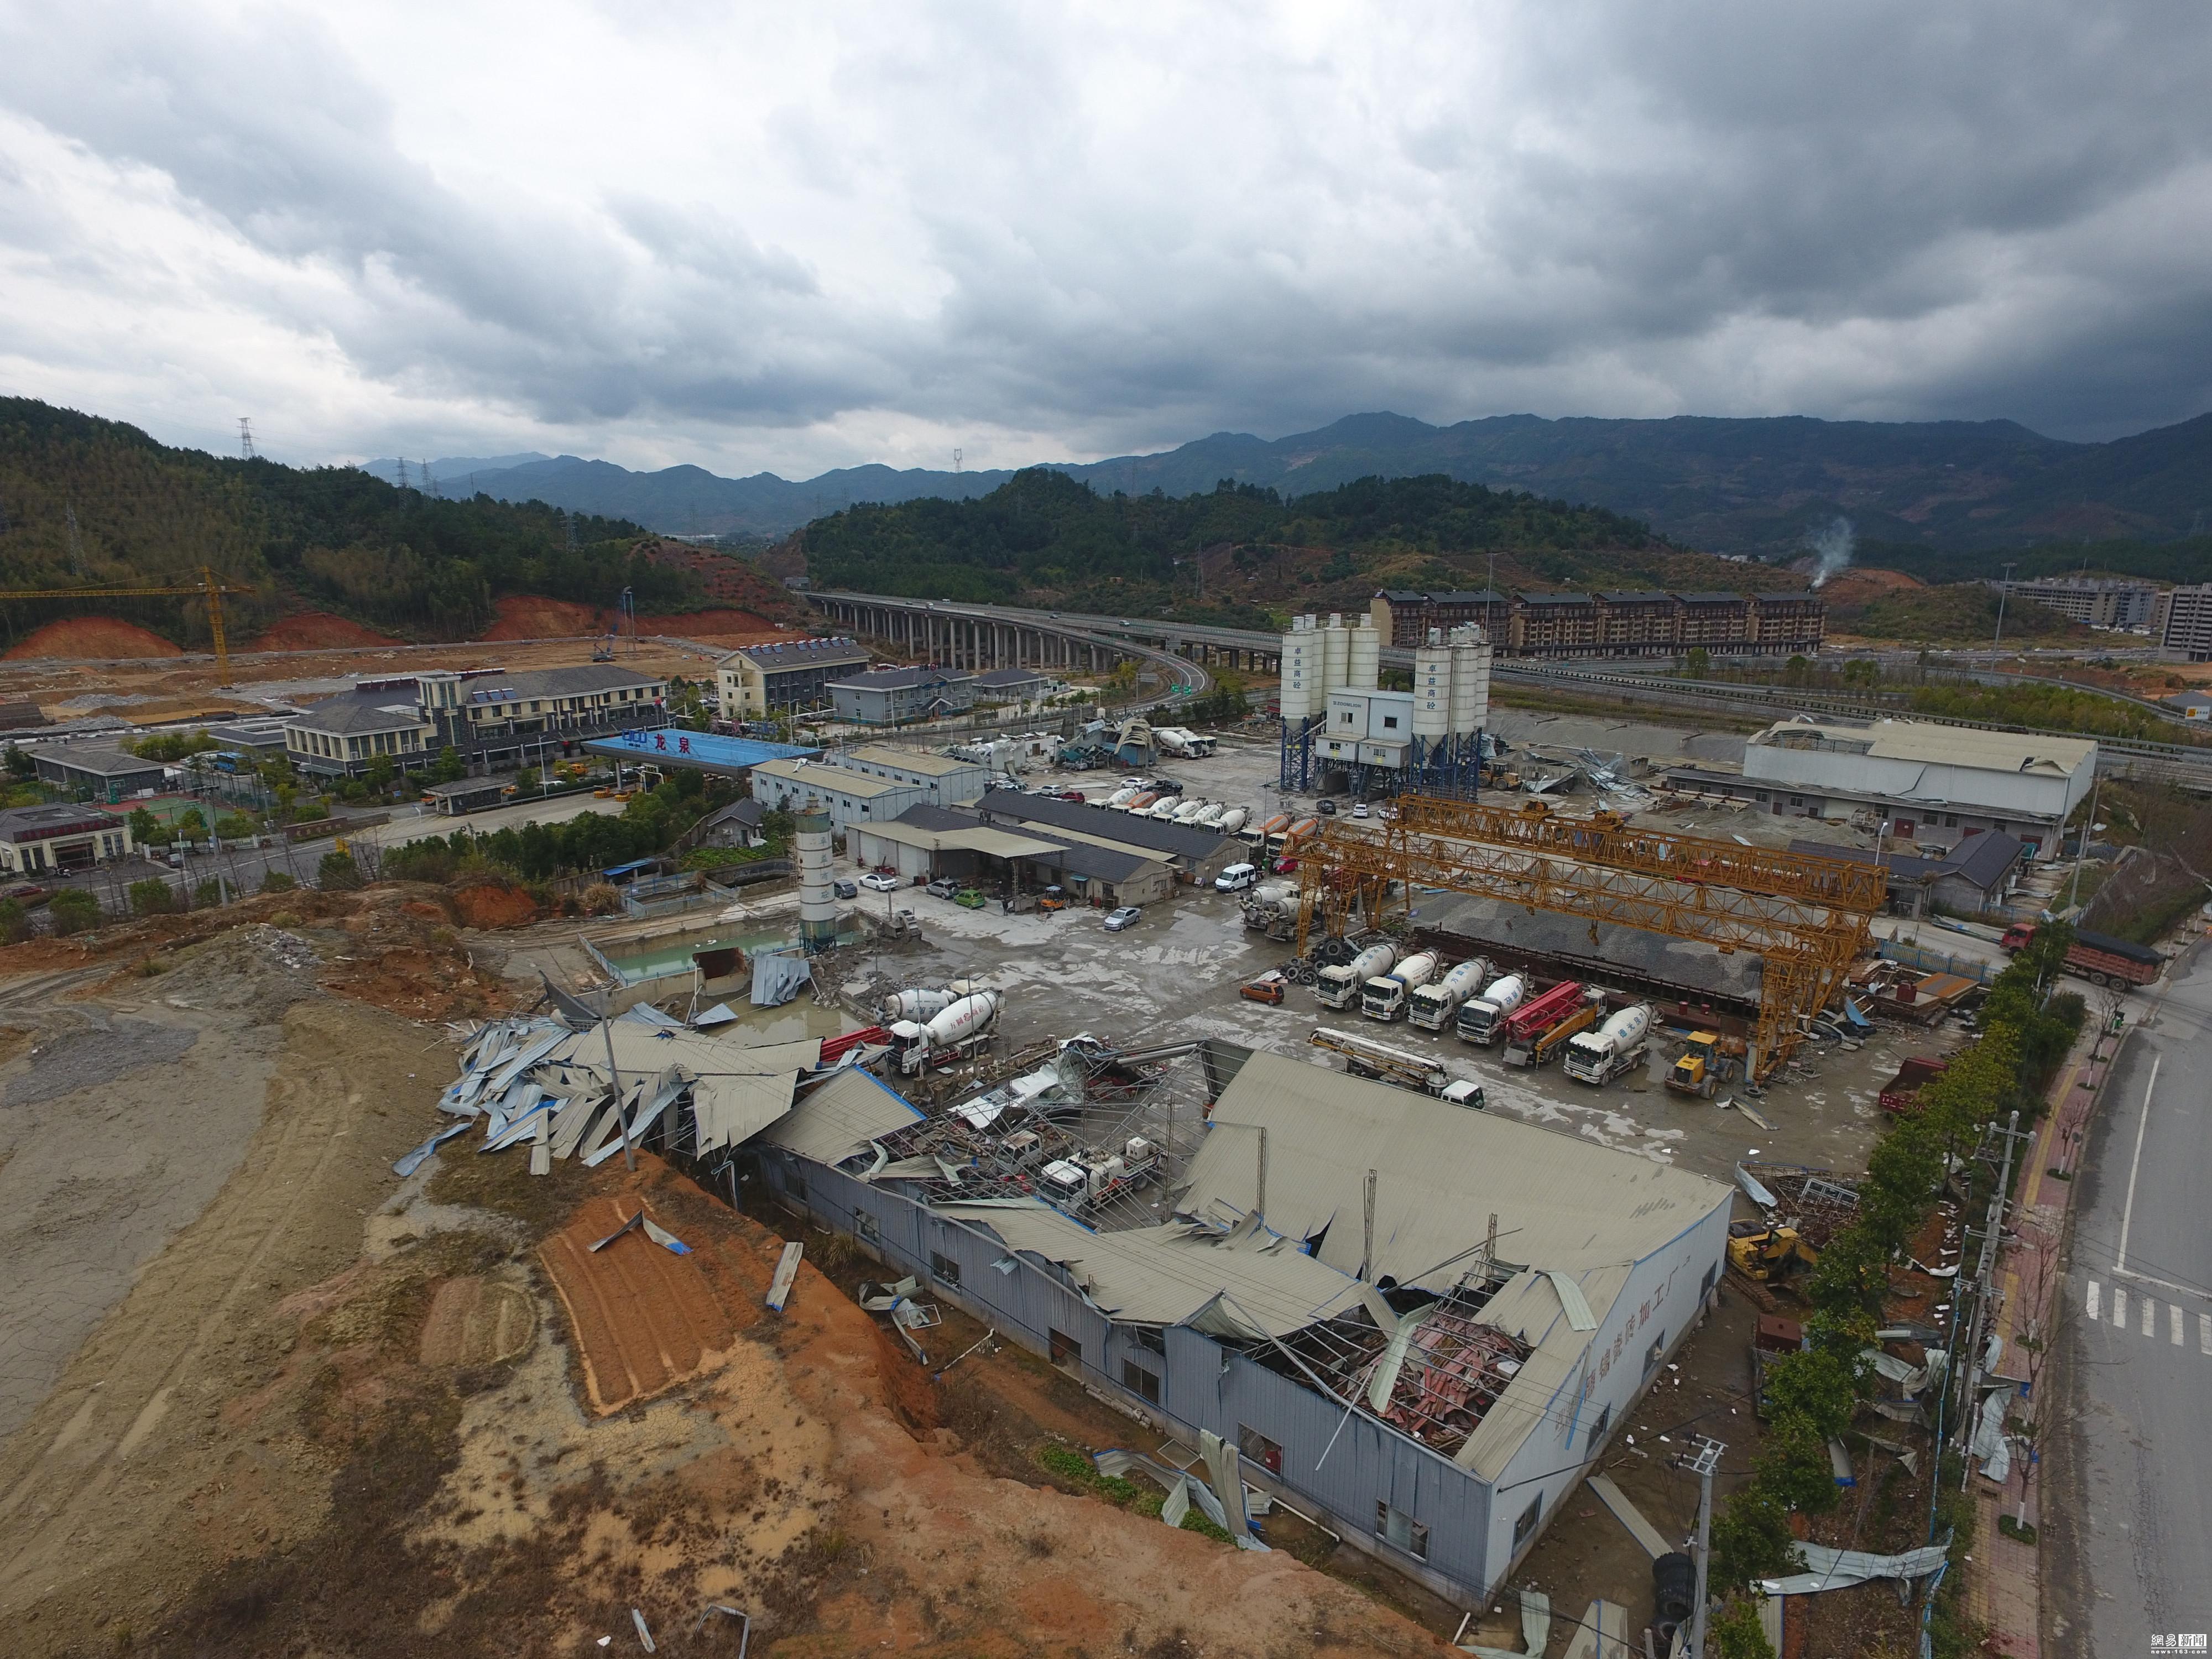 浙江龙泉遭遇强对流天气 致建筑损毁2人死亡! - 周公乐 - xinhua8848 的博客